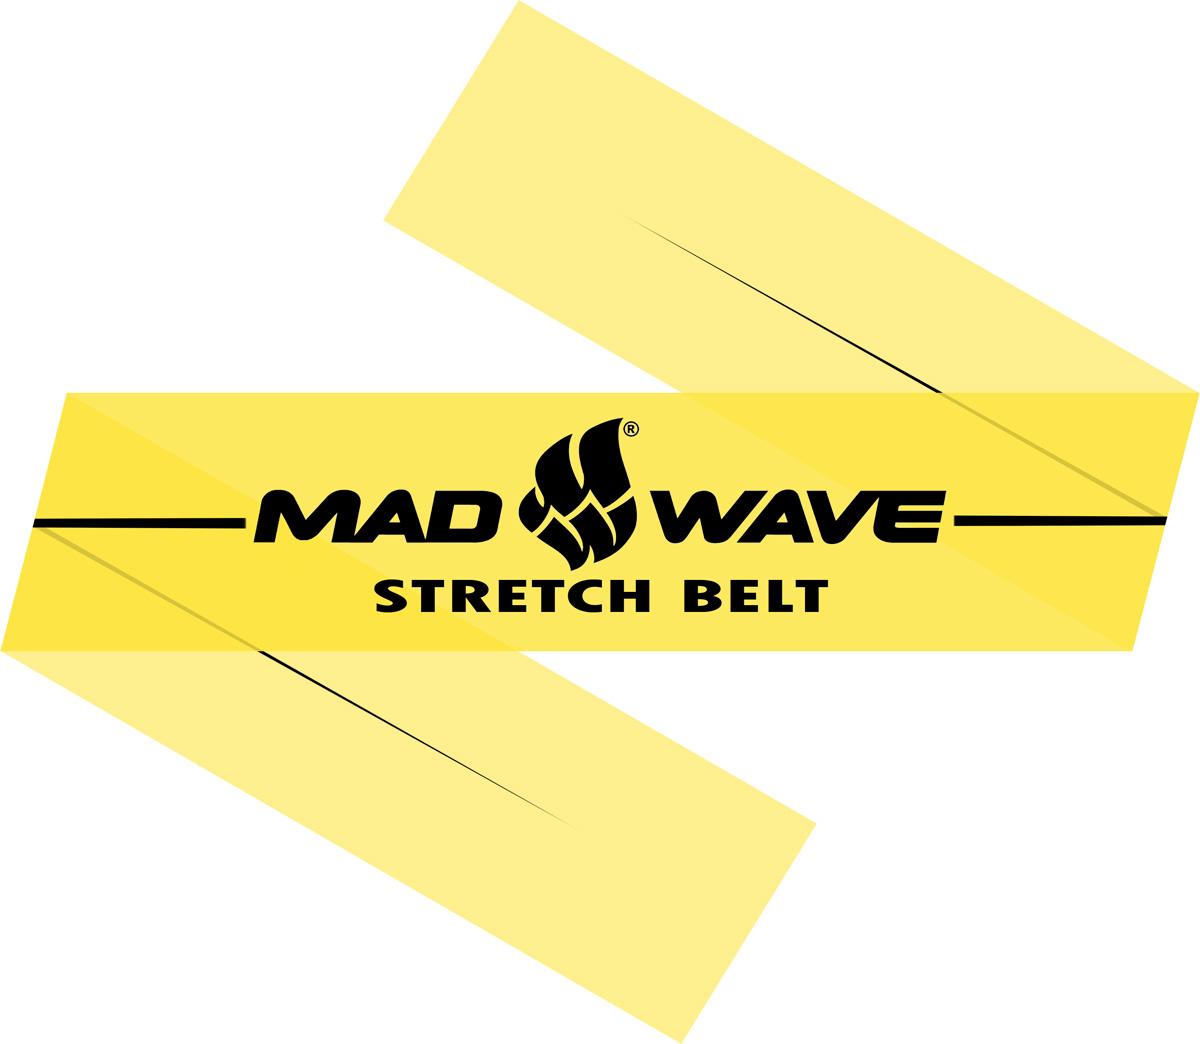 Эспандер Mad Wave Stretch Band, цвет: желтый, 150 см х 15 см х 0,02 см10012311Эспандер Mad Wave Stretch Band предназначен для тренировки и разогрева мышц. Представляет собой латексную ленту. Может применятся в любом виде спорта. Чрезвычайно компактный.